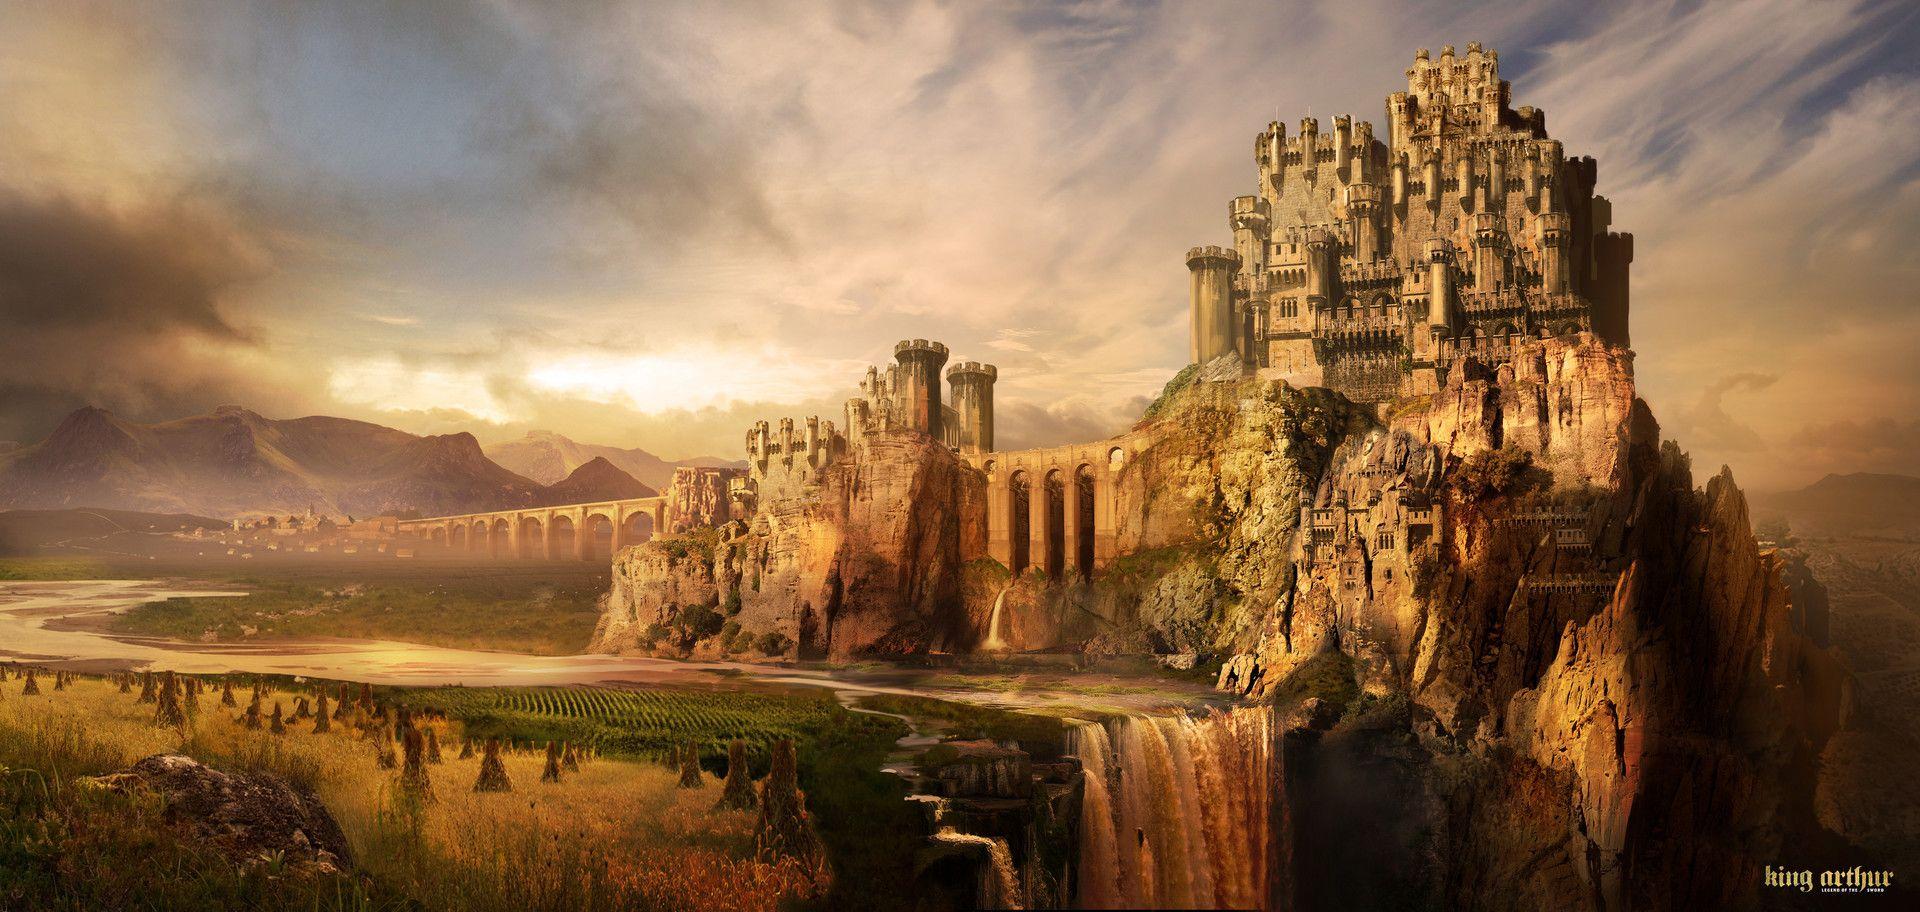 King Arthur - Camelot by Kieran Belshaw   King arthur, Fantasy landscape,  Fantasy castle